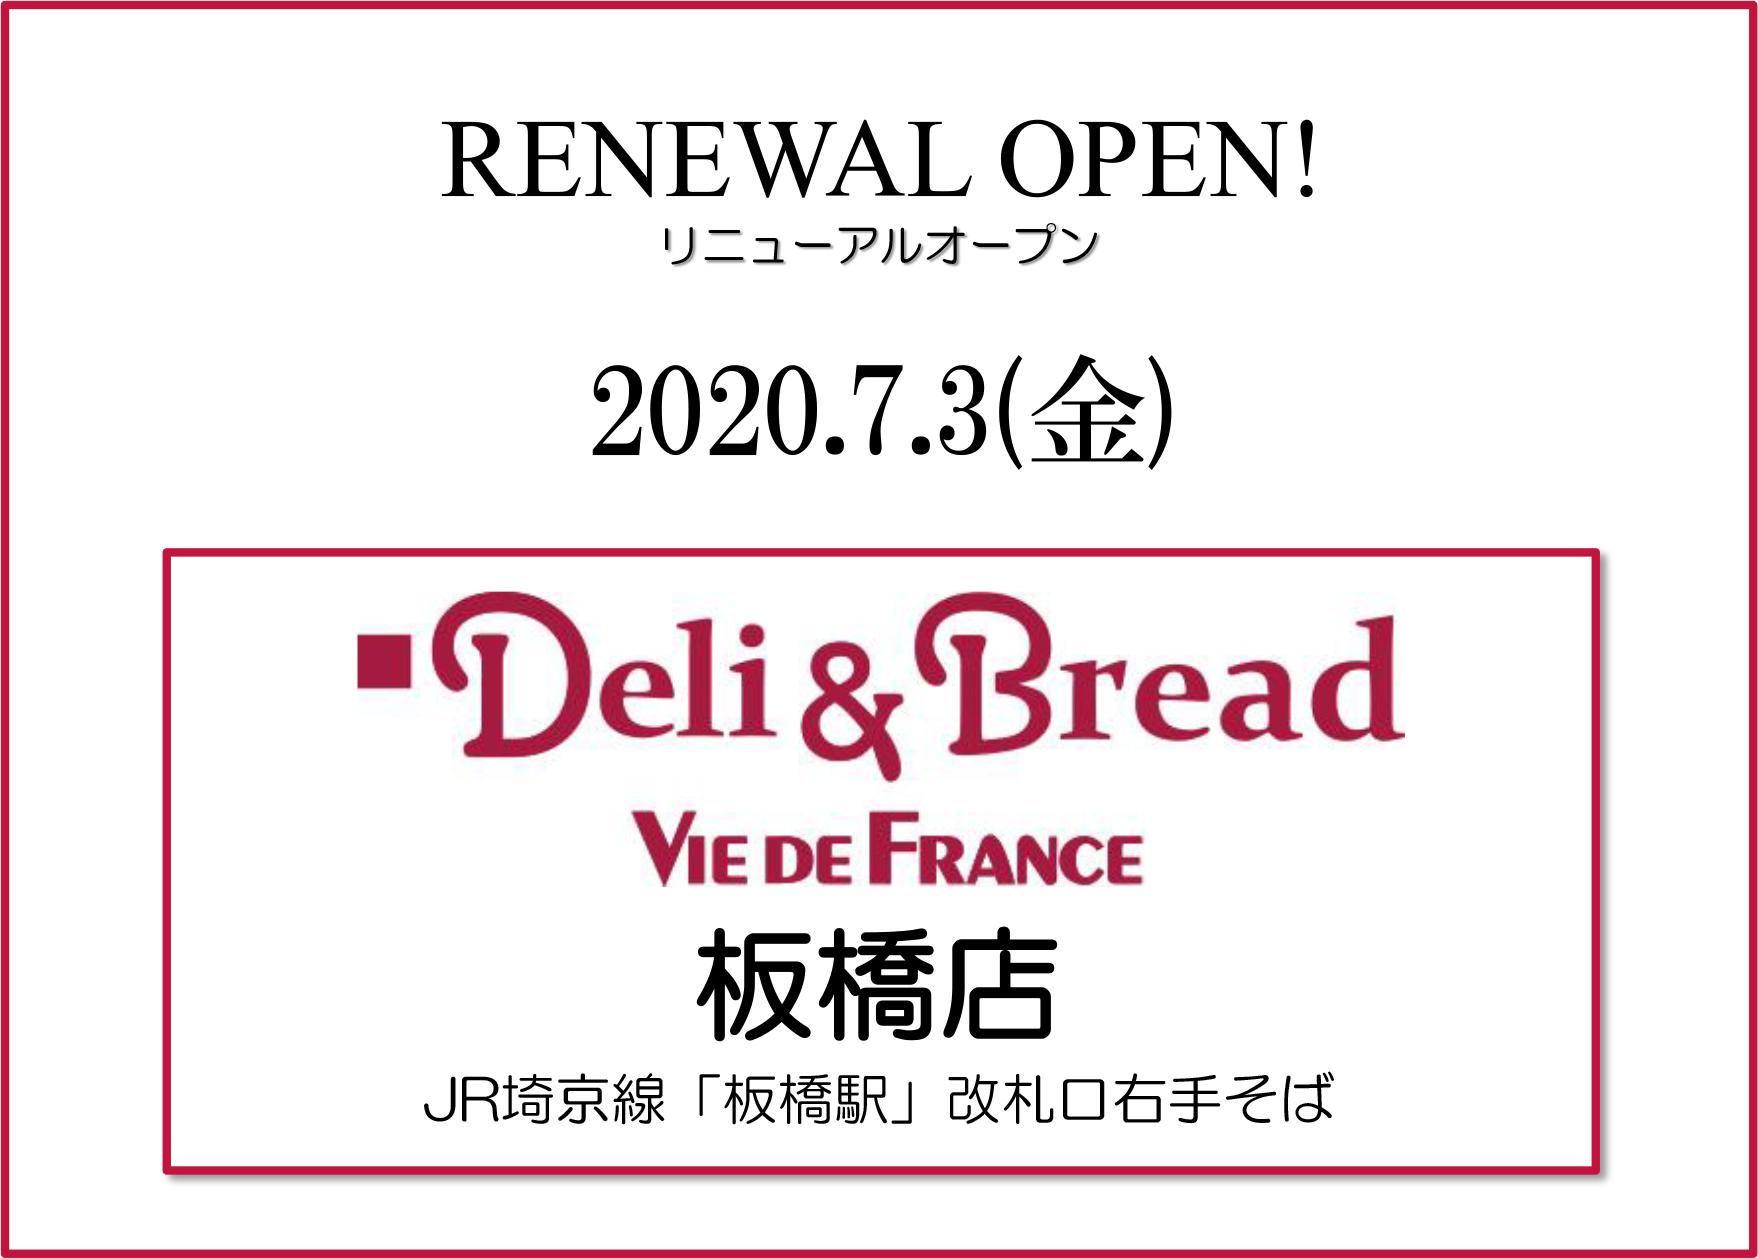 7/3(金)「デリ&ブレッド ヴィ・ド・フランス 板橋店」オープン